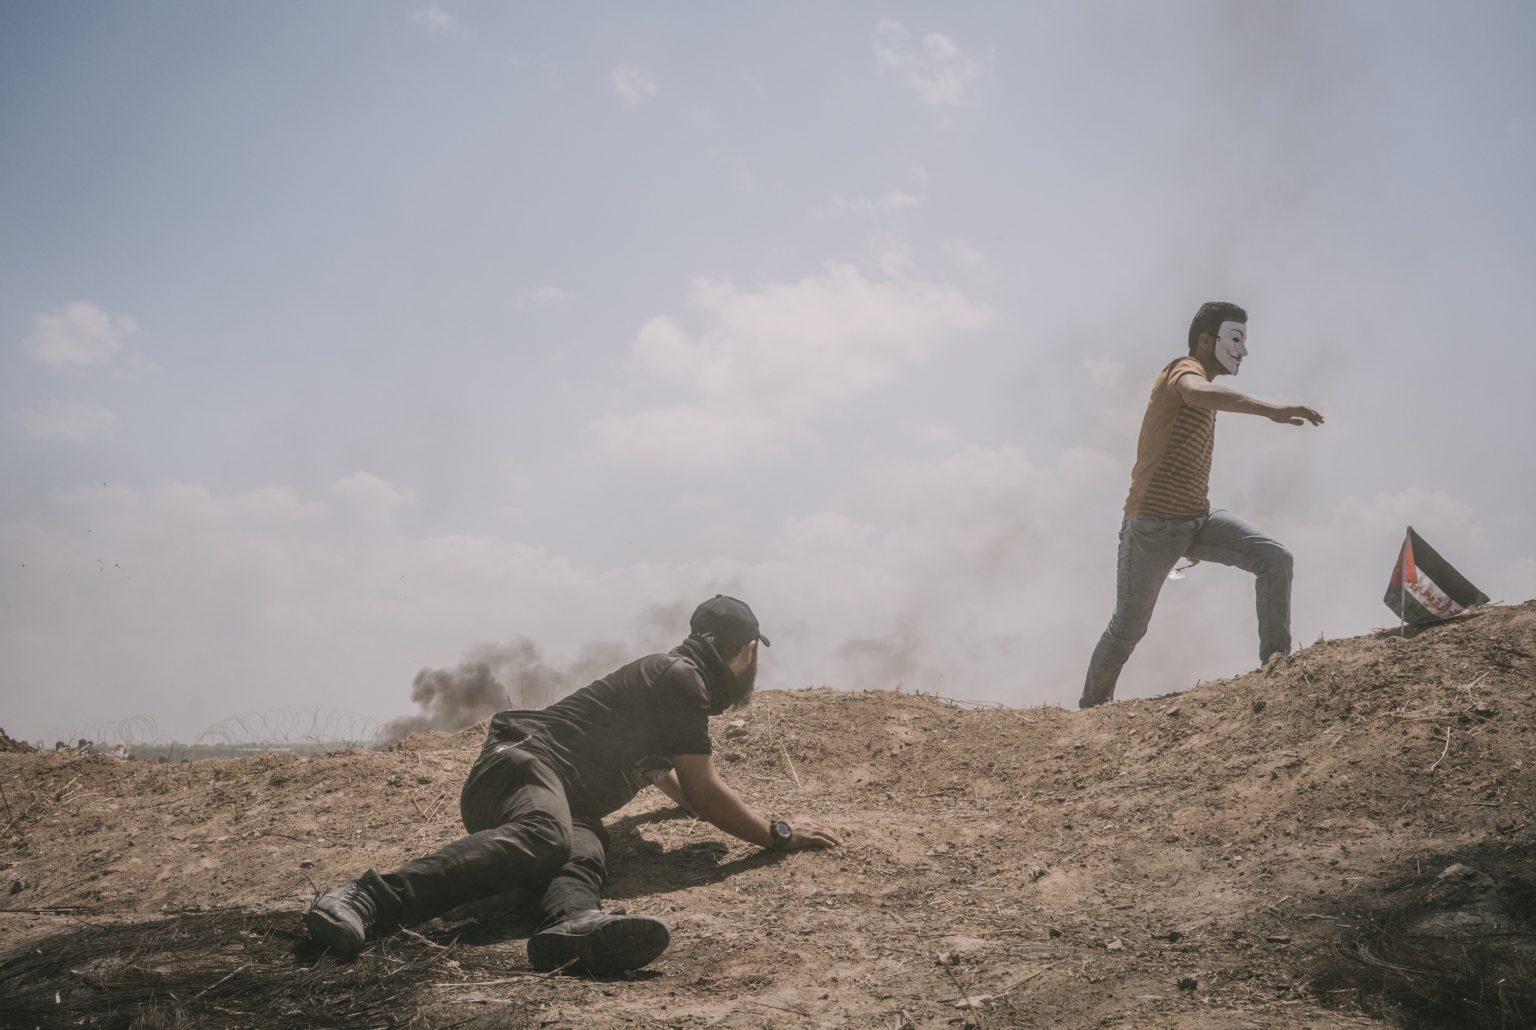 Gaza Strip, May 2018 - A man hides behind an embankment during the protest along the Gaza-Israel border. >< Striscia di Gaza, maggio 2018 - Un uomo si ripara durante le proteste lungo il confine tra Gaza e Israele.